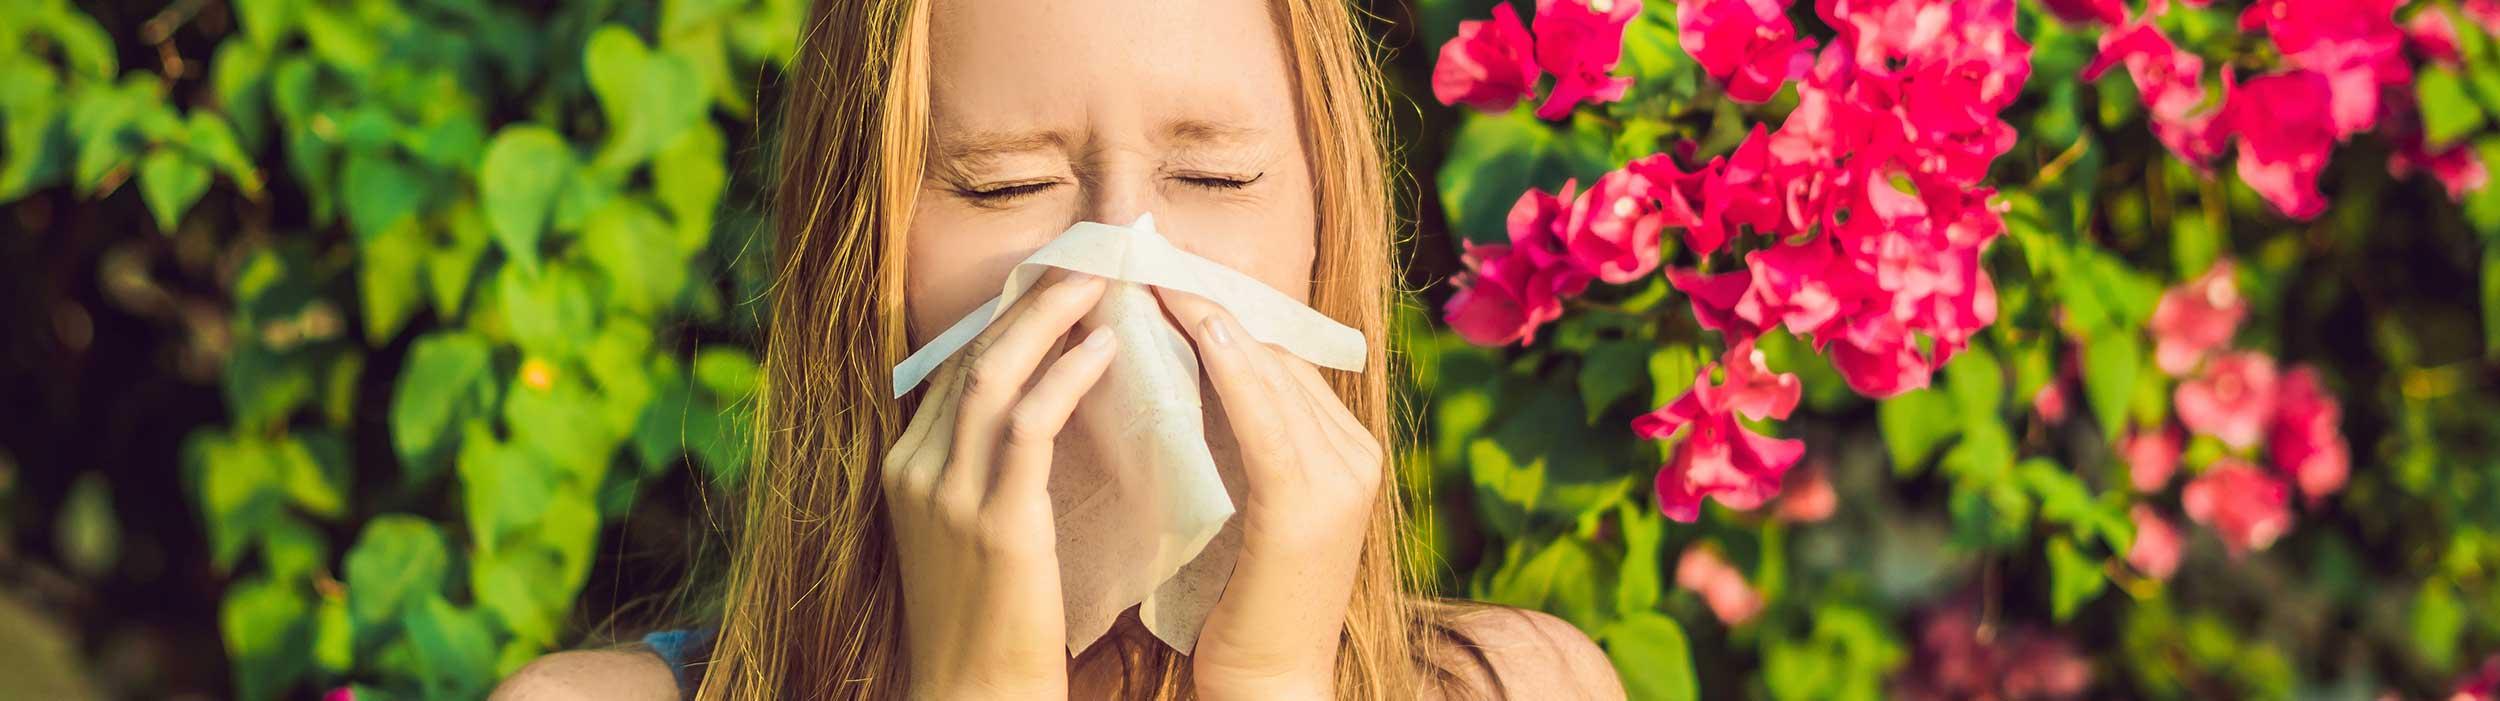 allergie-allergologie-hamburg